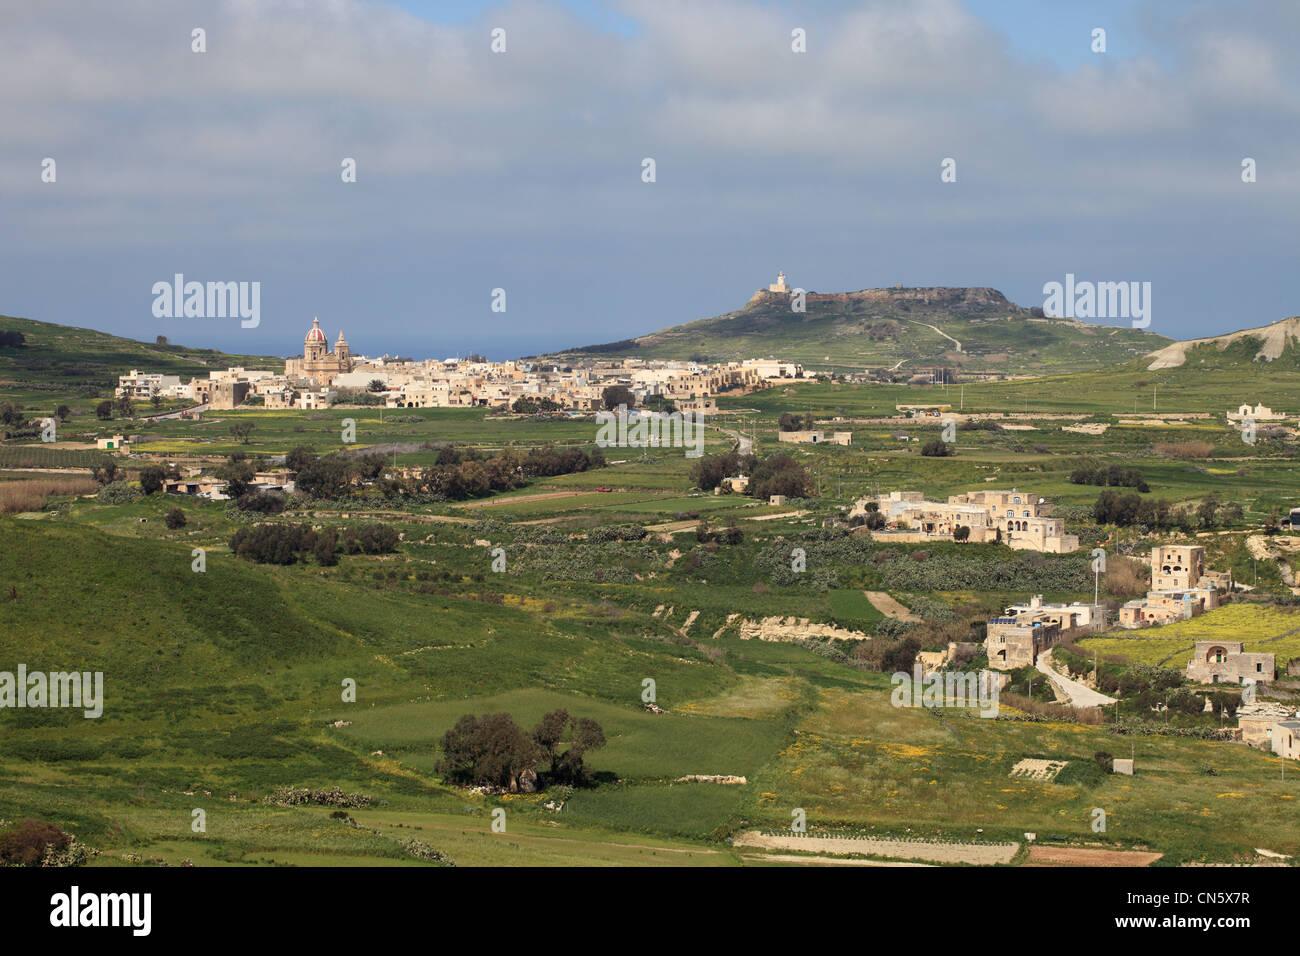 Vista dalla Cittadella Victoria sull'isola Mediterranea di Gozo, vicino a Malta, l'Europa. Immagini Stock